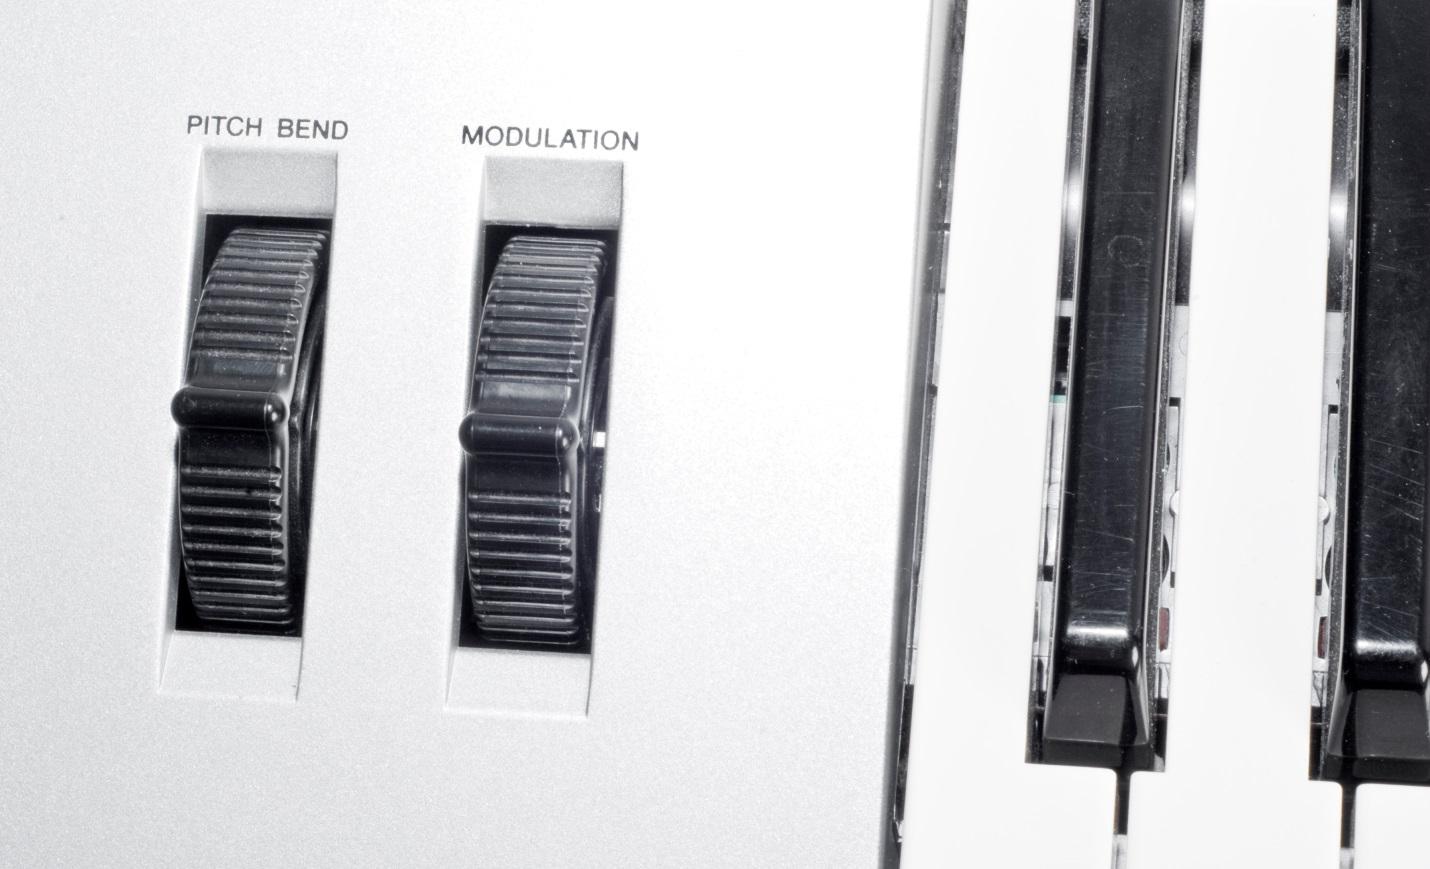 Регуляторы управления: питч (Pitch) и модуляция (Modulation)